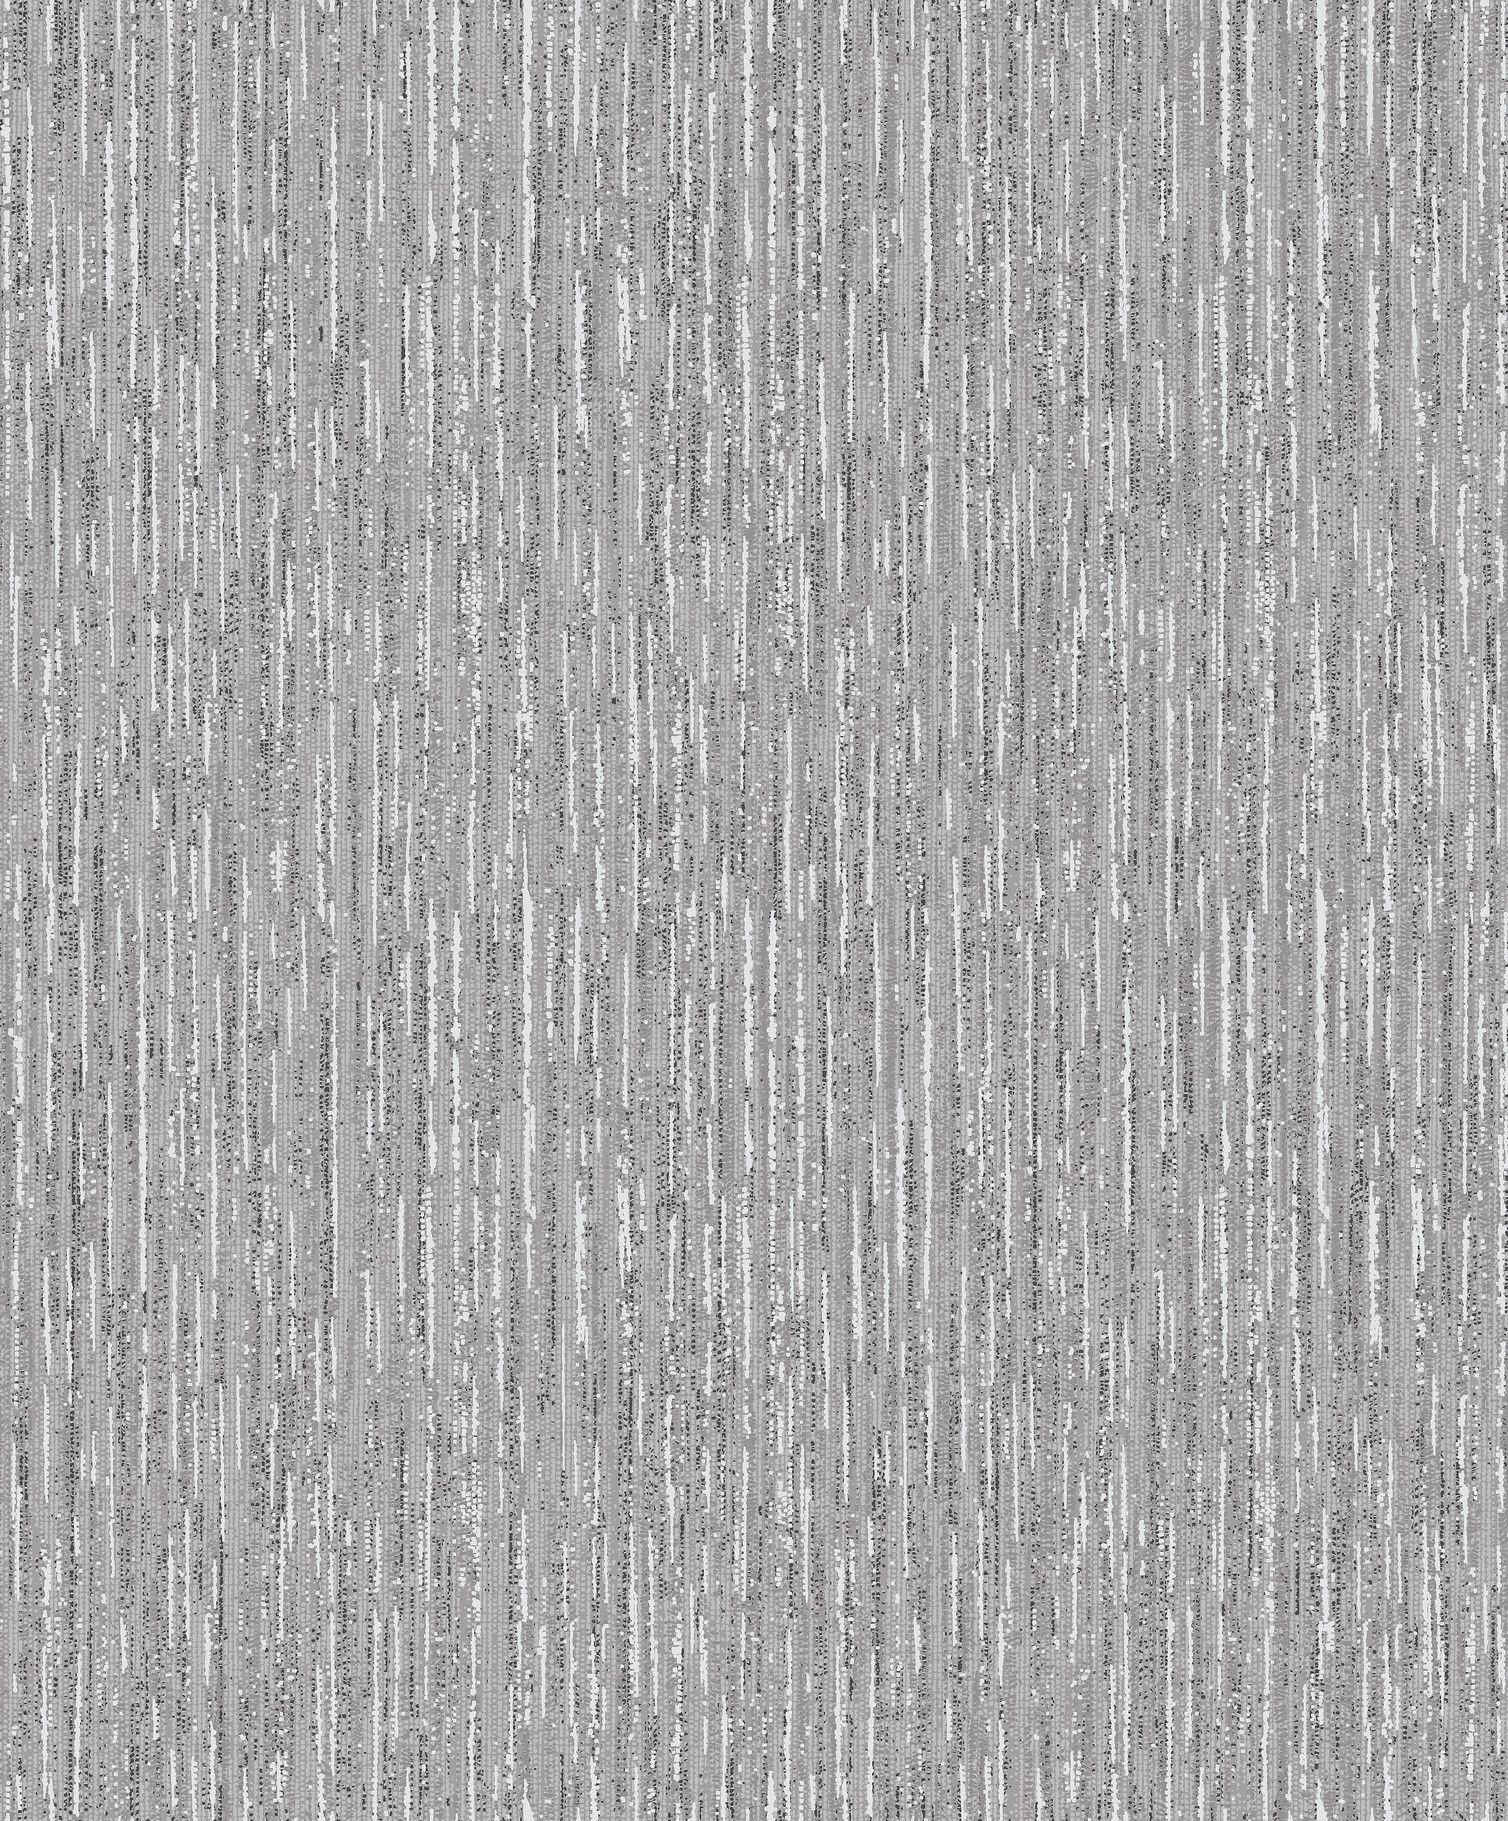 Crown Samsara Textured Silver Wallpaper Feature M0555